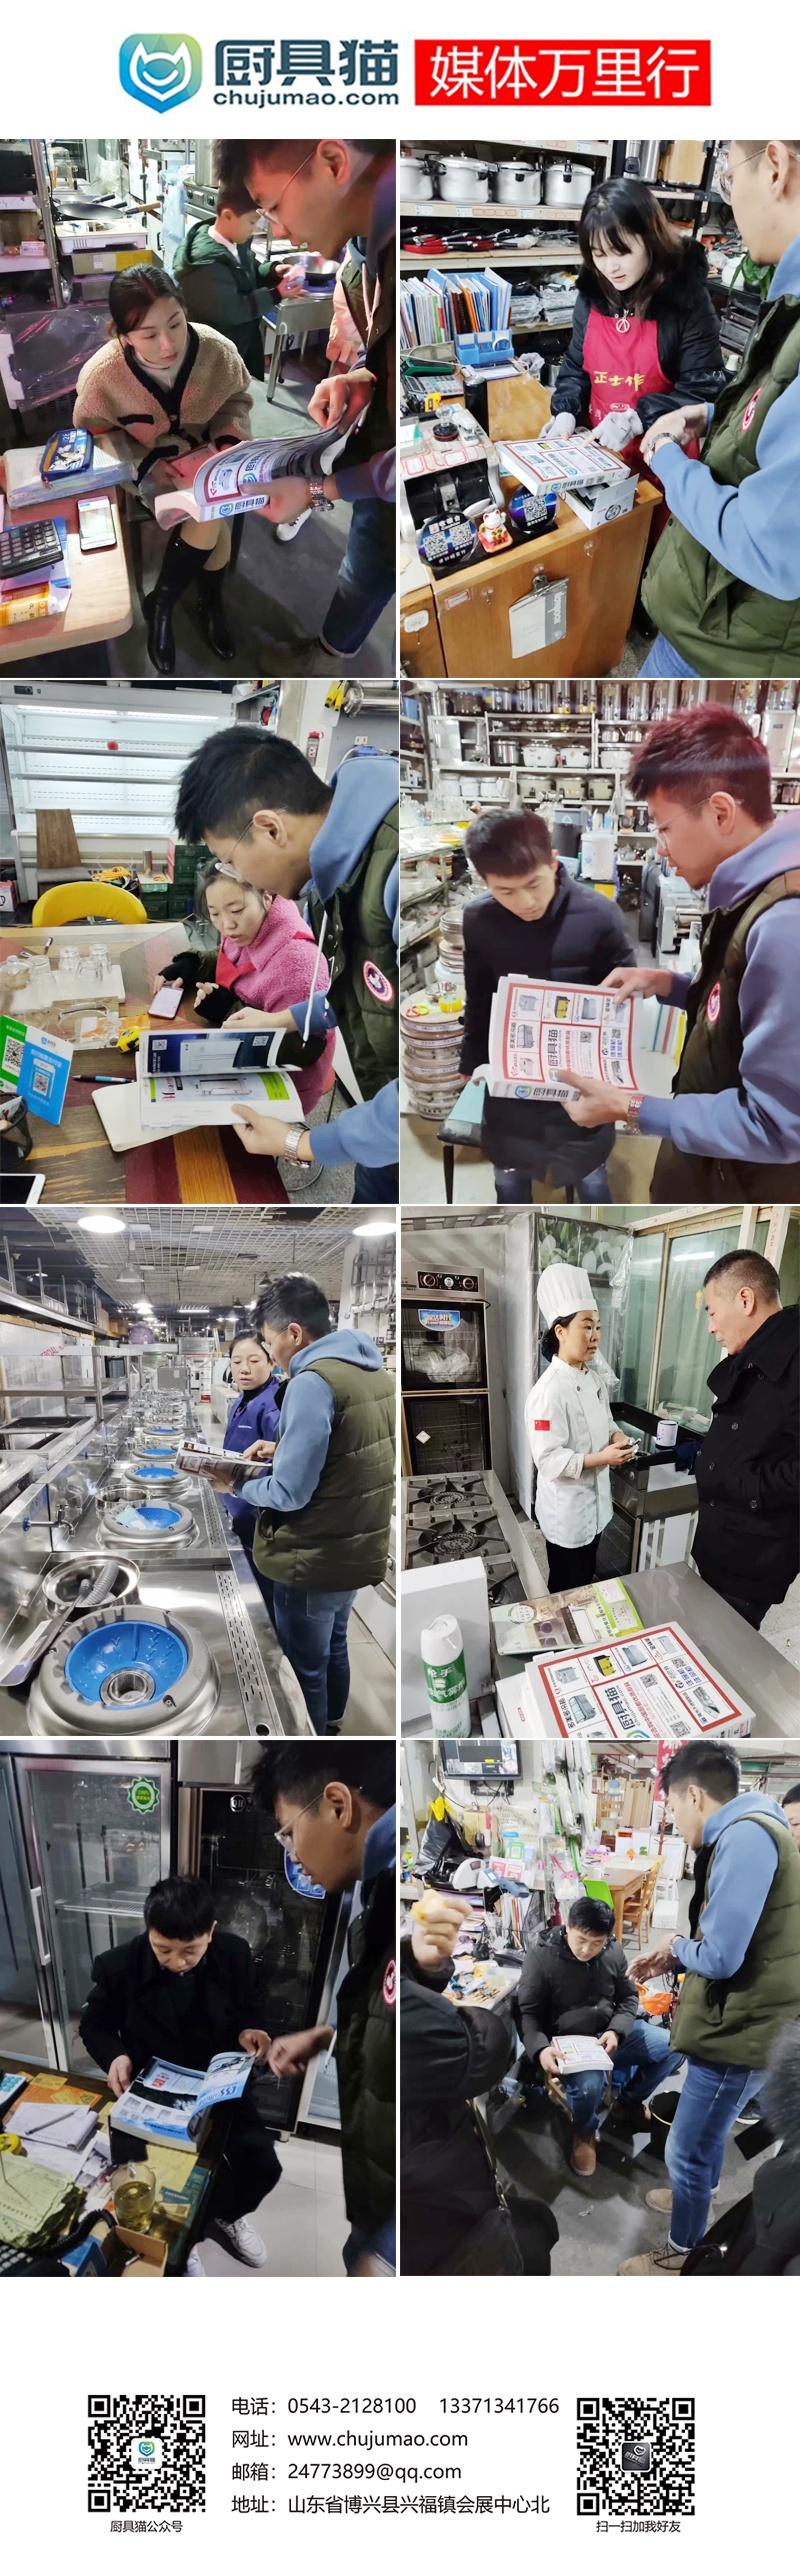 浙江杭州厨具酒店用品城发放掠影 给经销商介绍厨具猫 关注公众号 一键获取产品信息